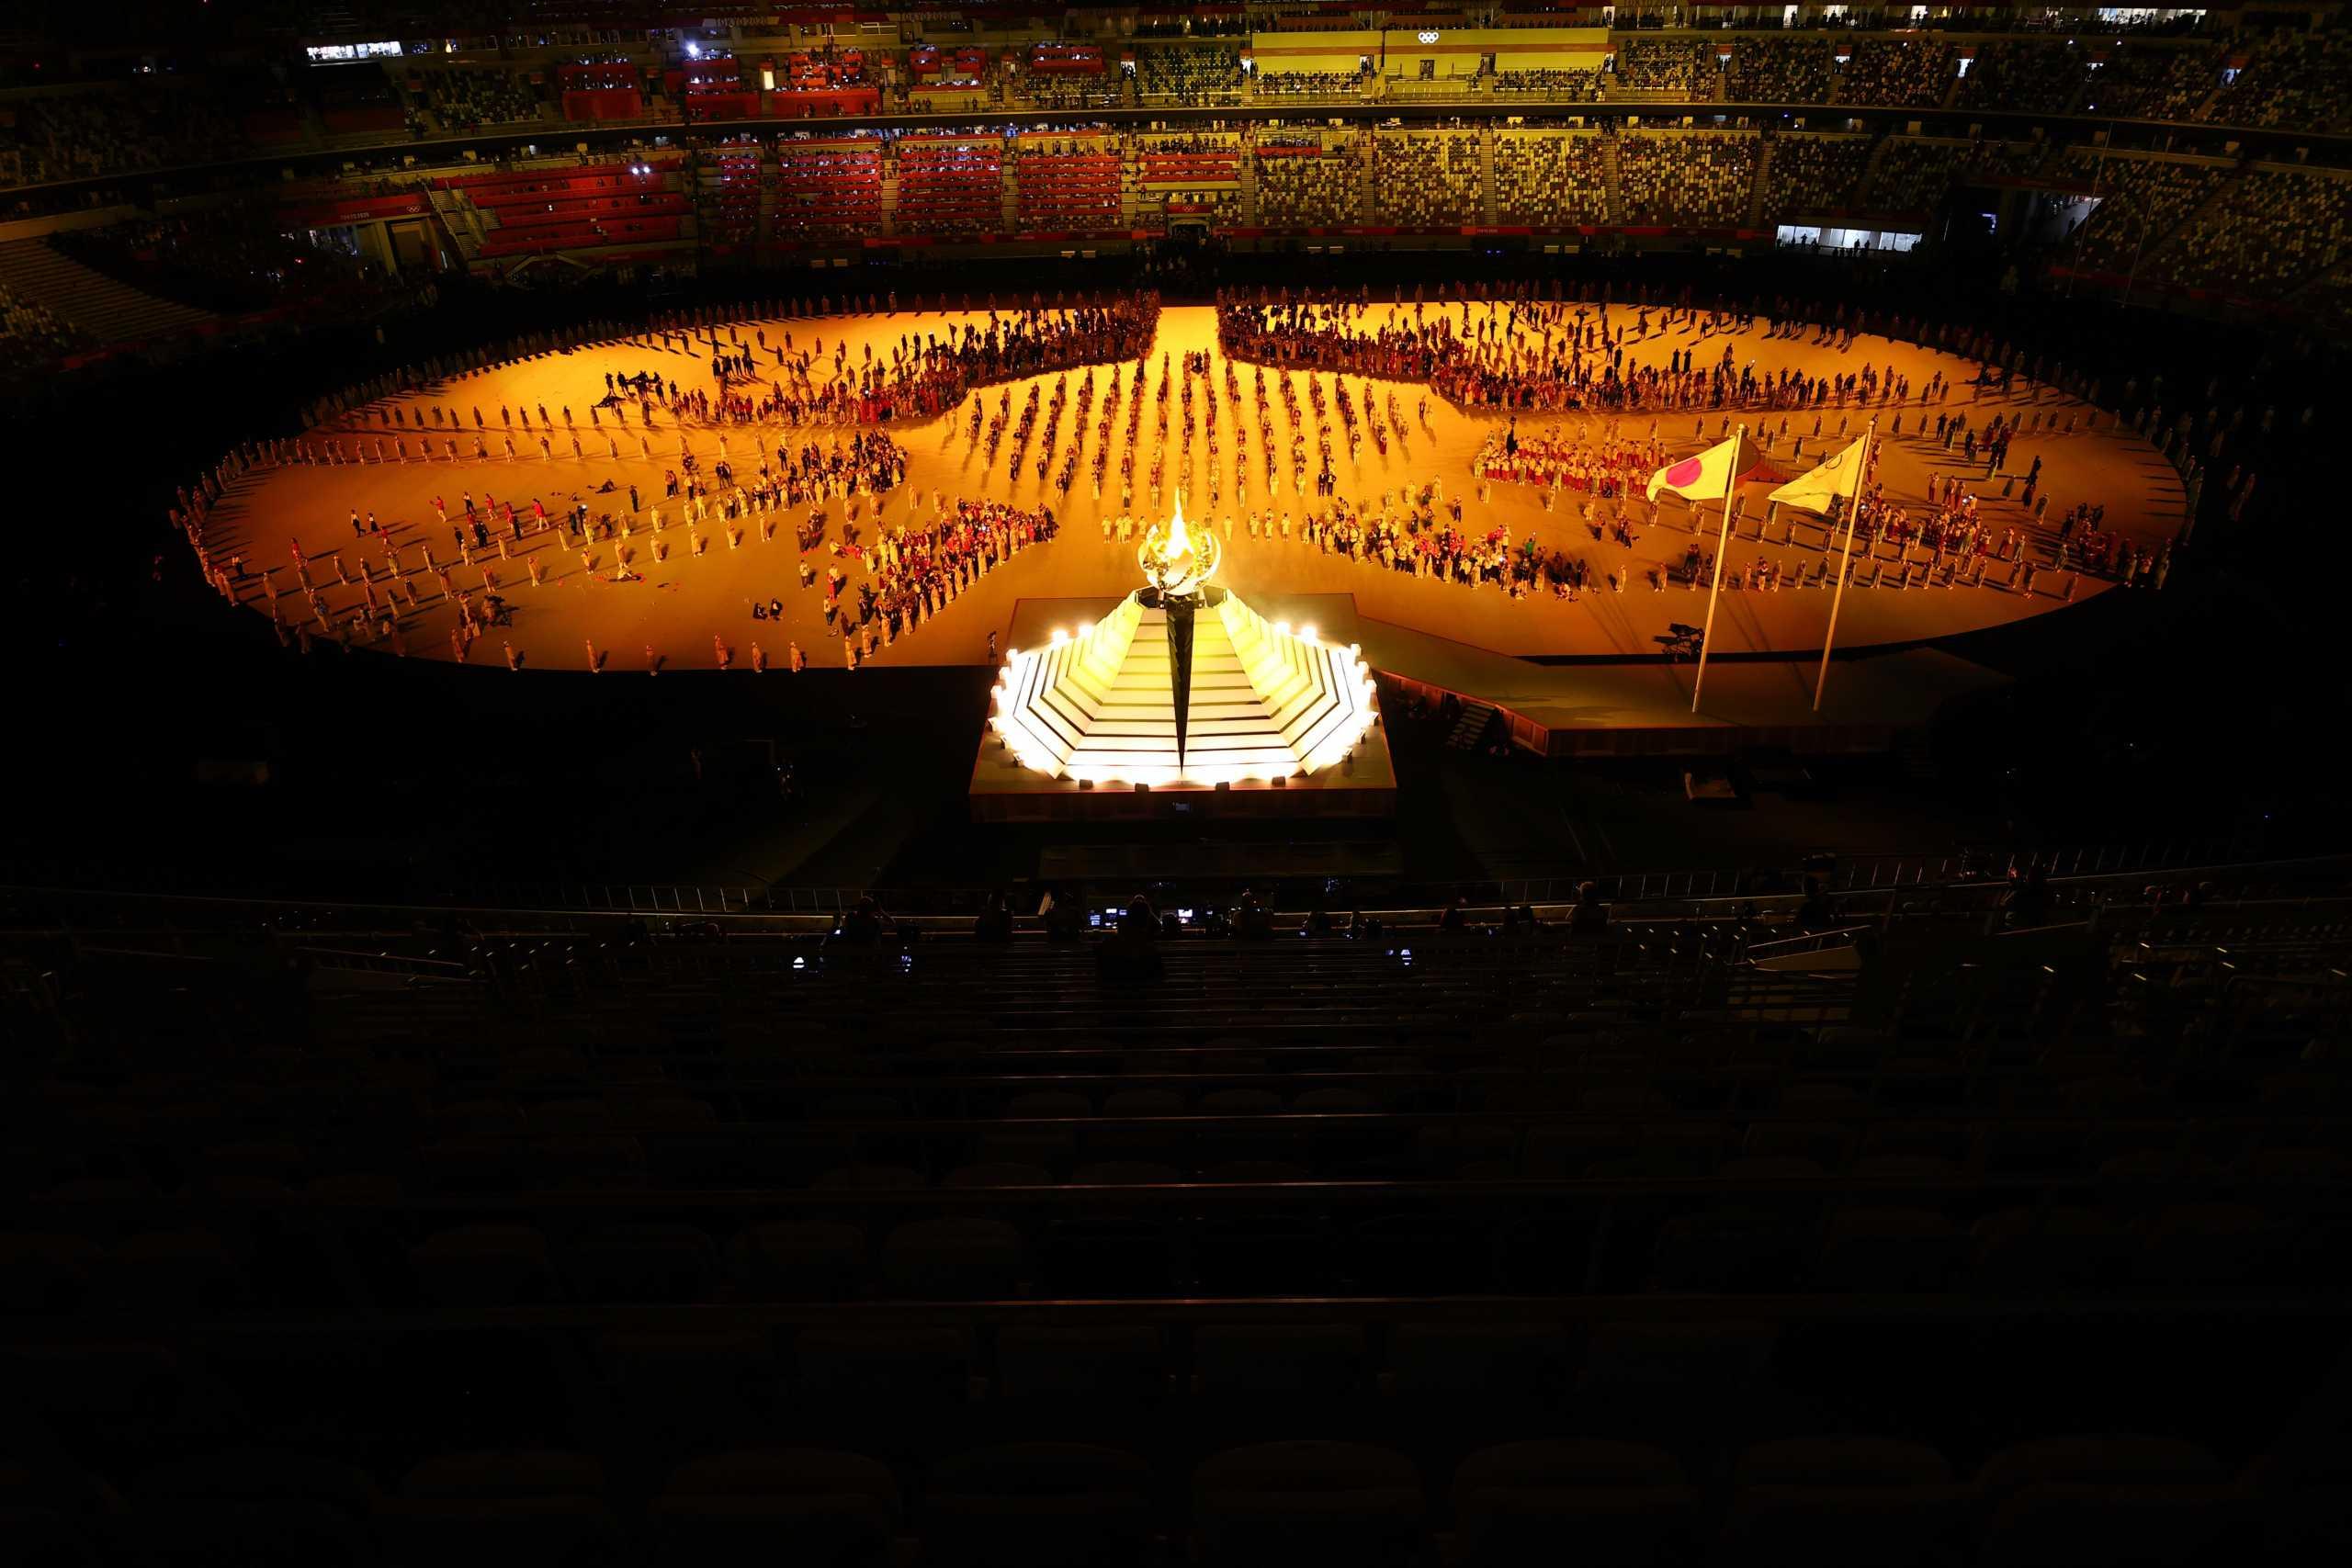 Ολυμπιακοί Αγώνες: Η έπαρση της σημαίας και το άναμμα της φλόγας στο Τόκιο